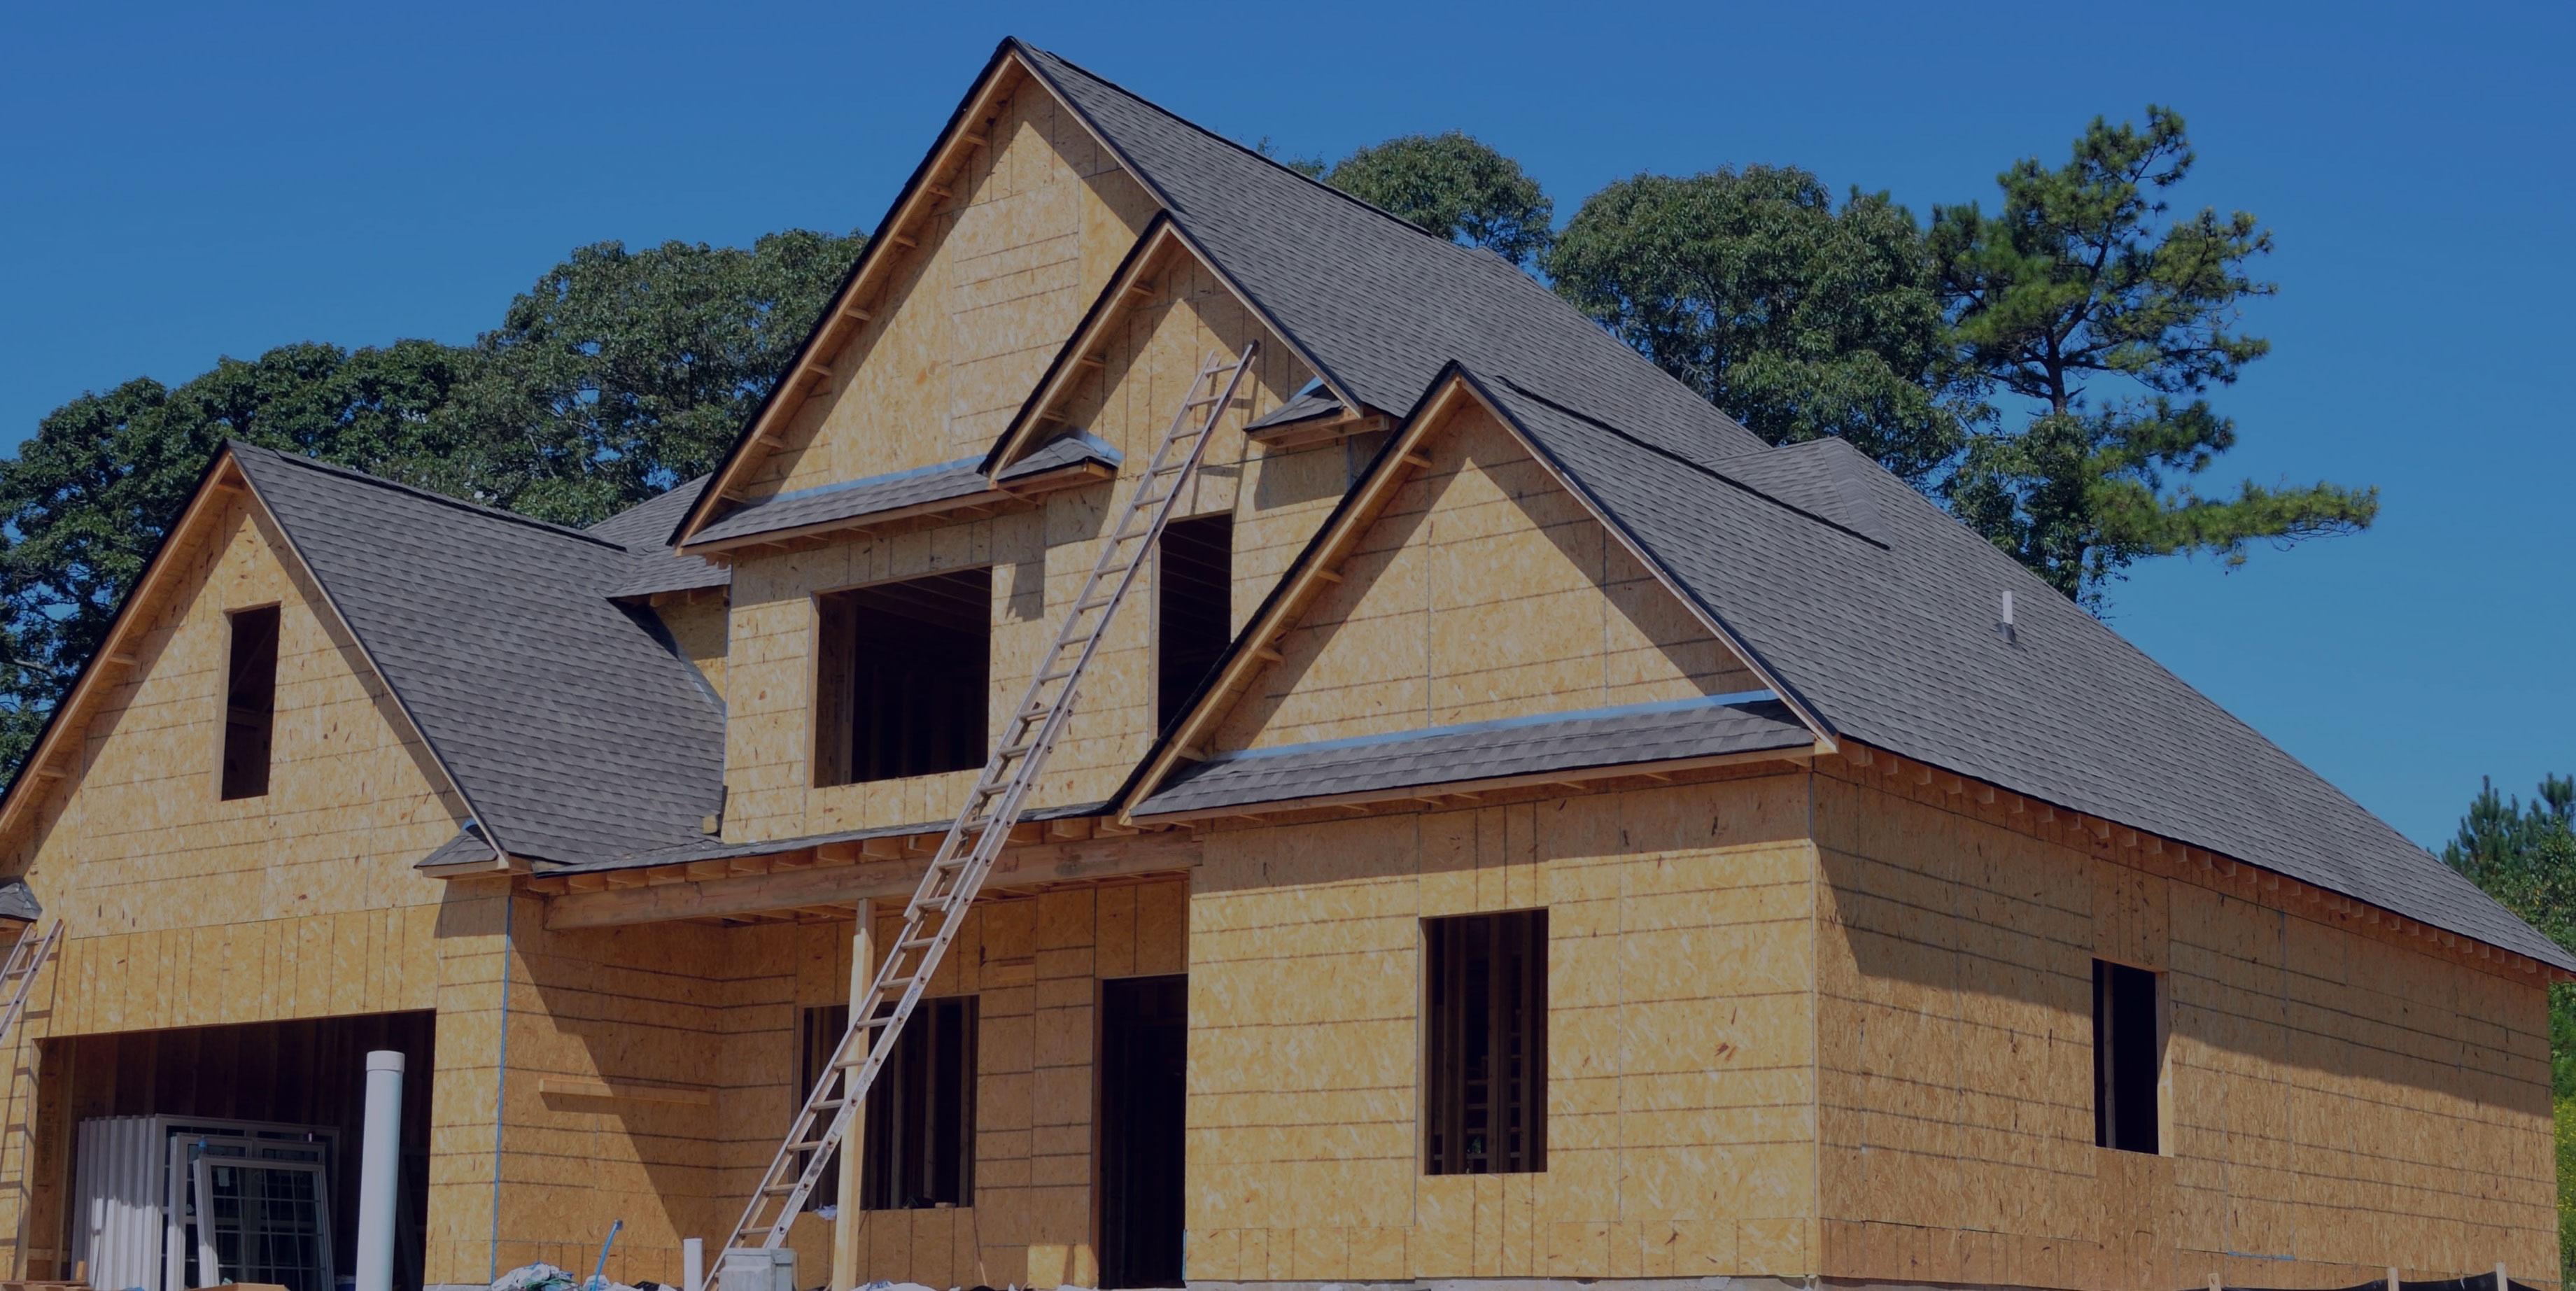 Home - California Homebuilding Foundation